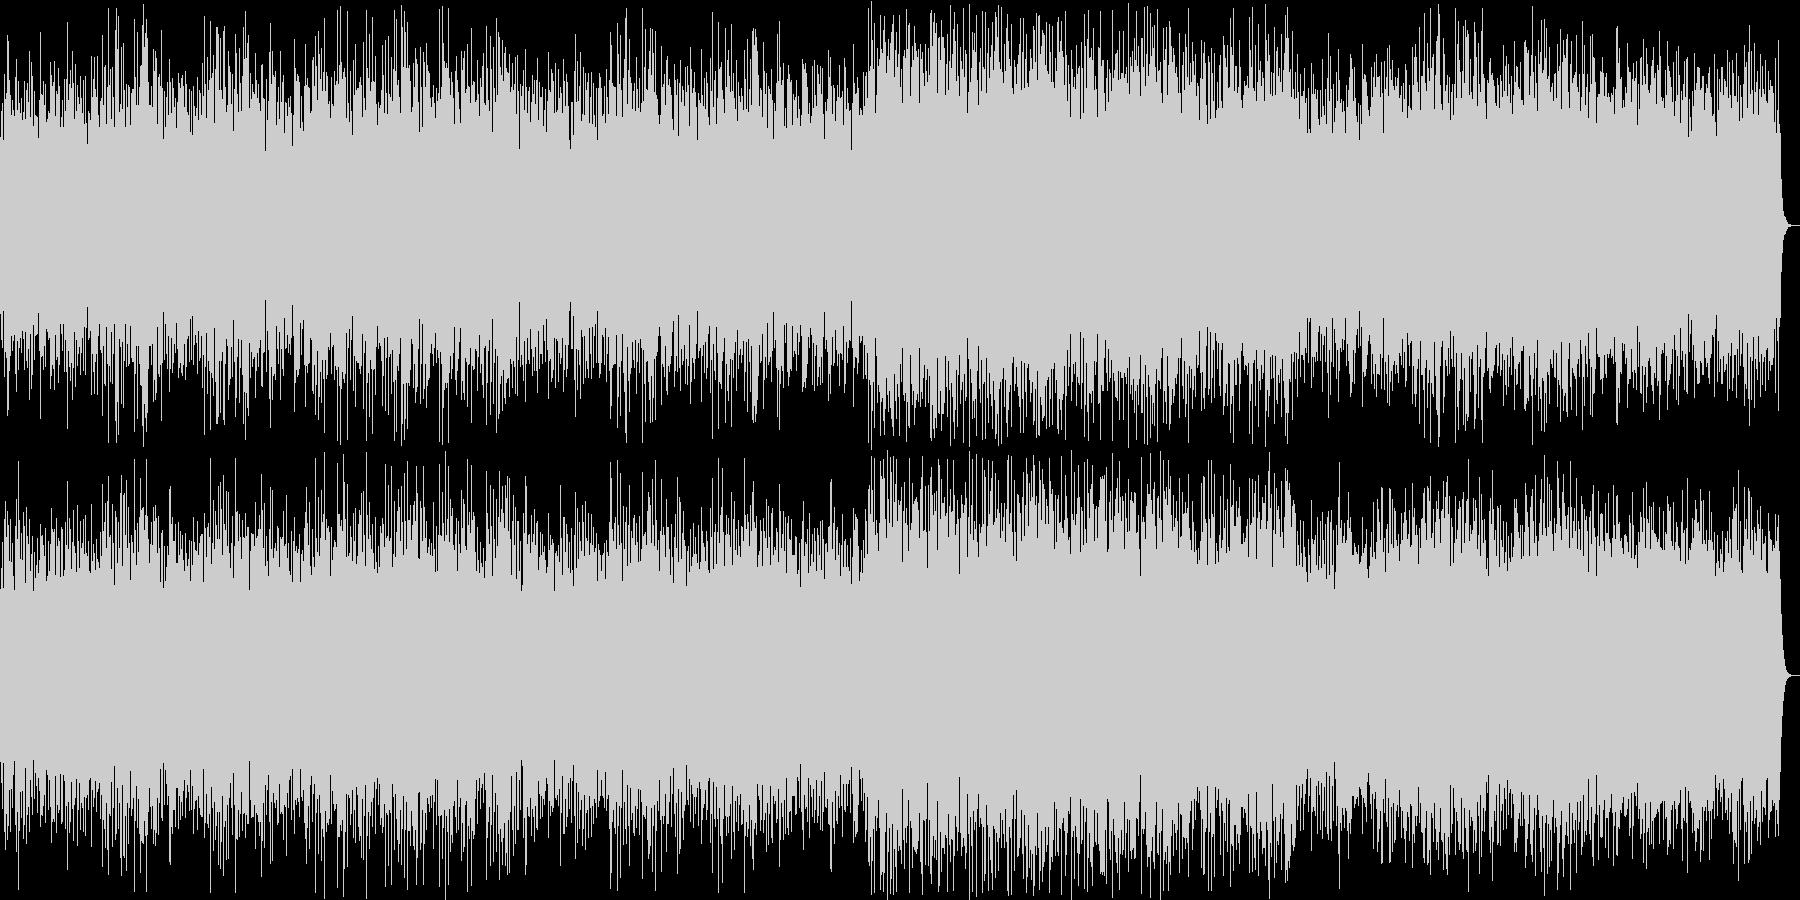 和風なリラクゼーションミュージックの未再生の波形